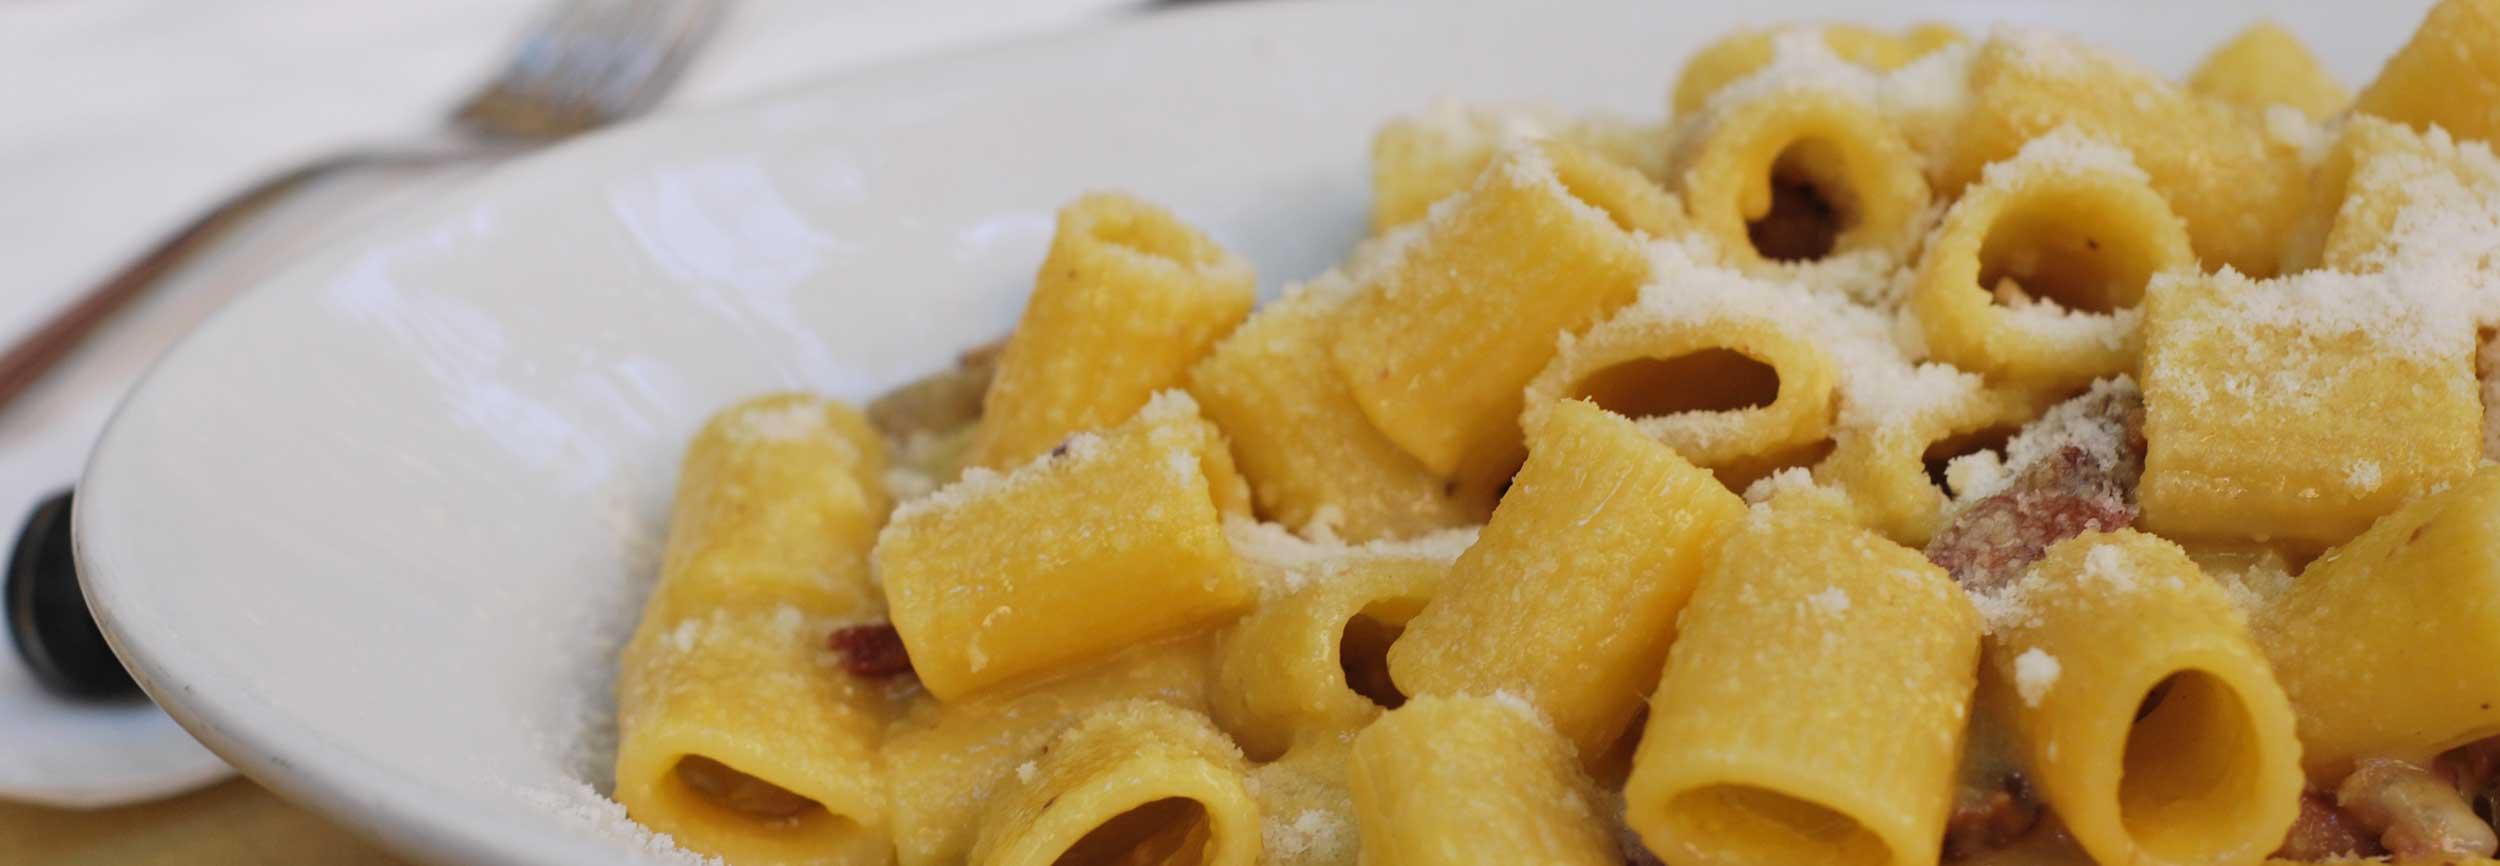 primi piatti romani pro loco di roma pro loco di roma